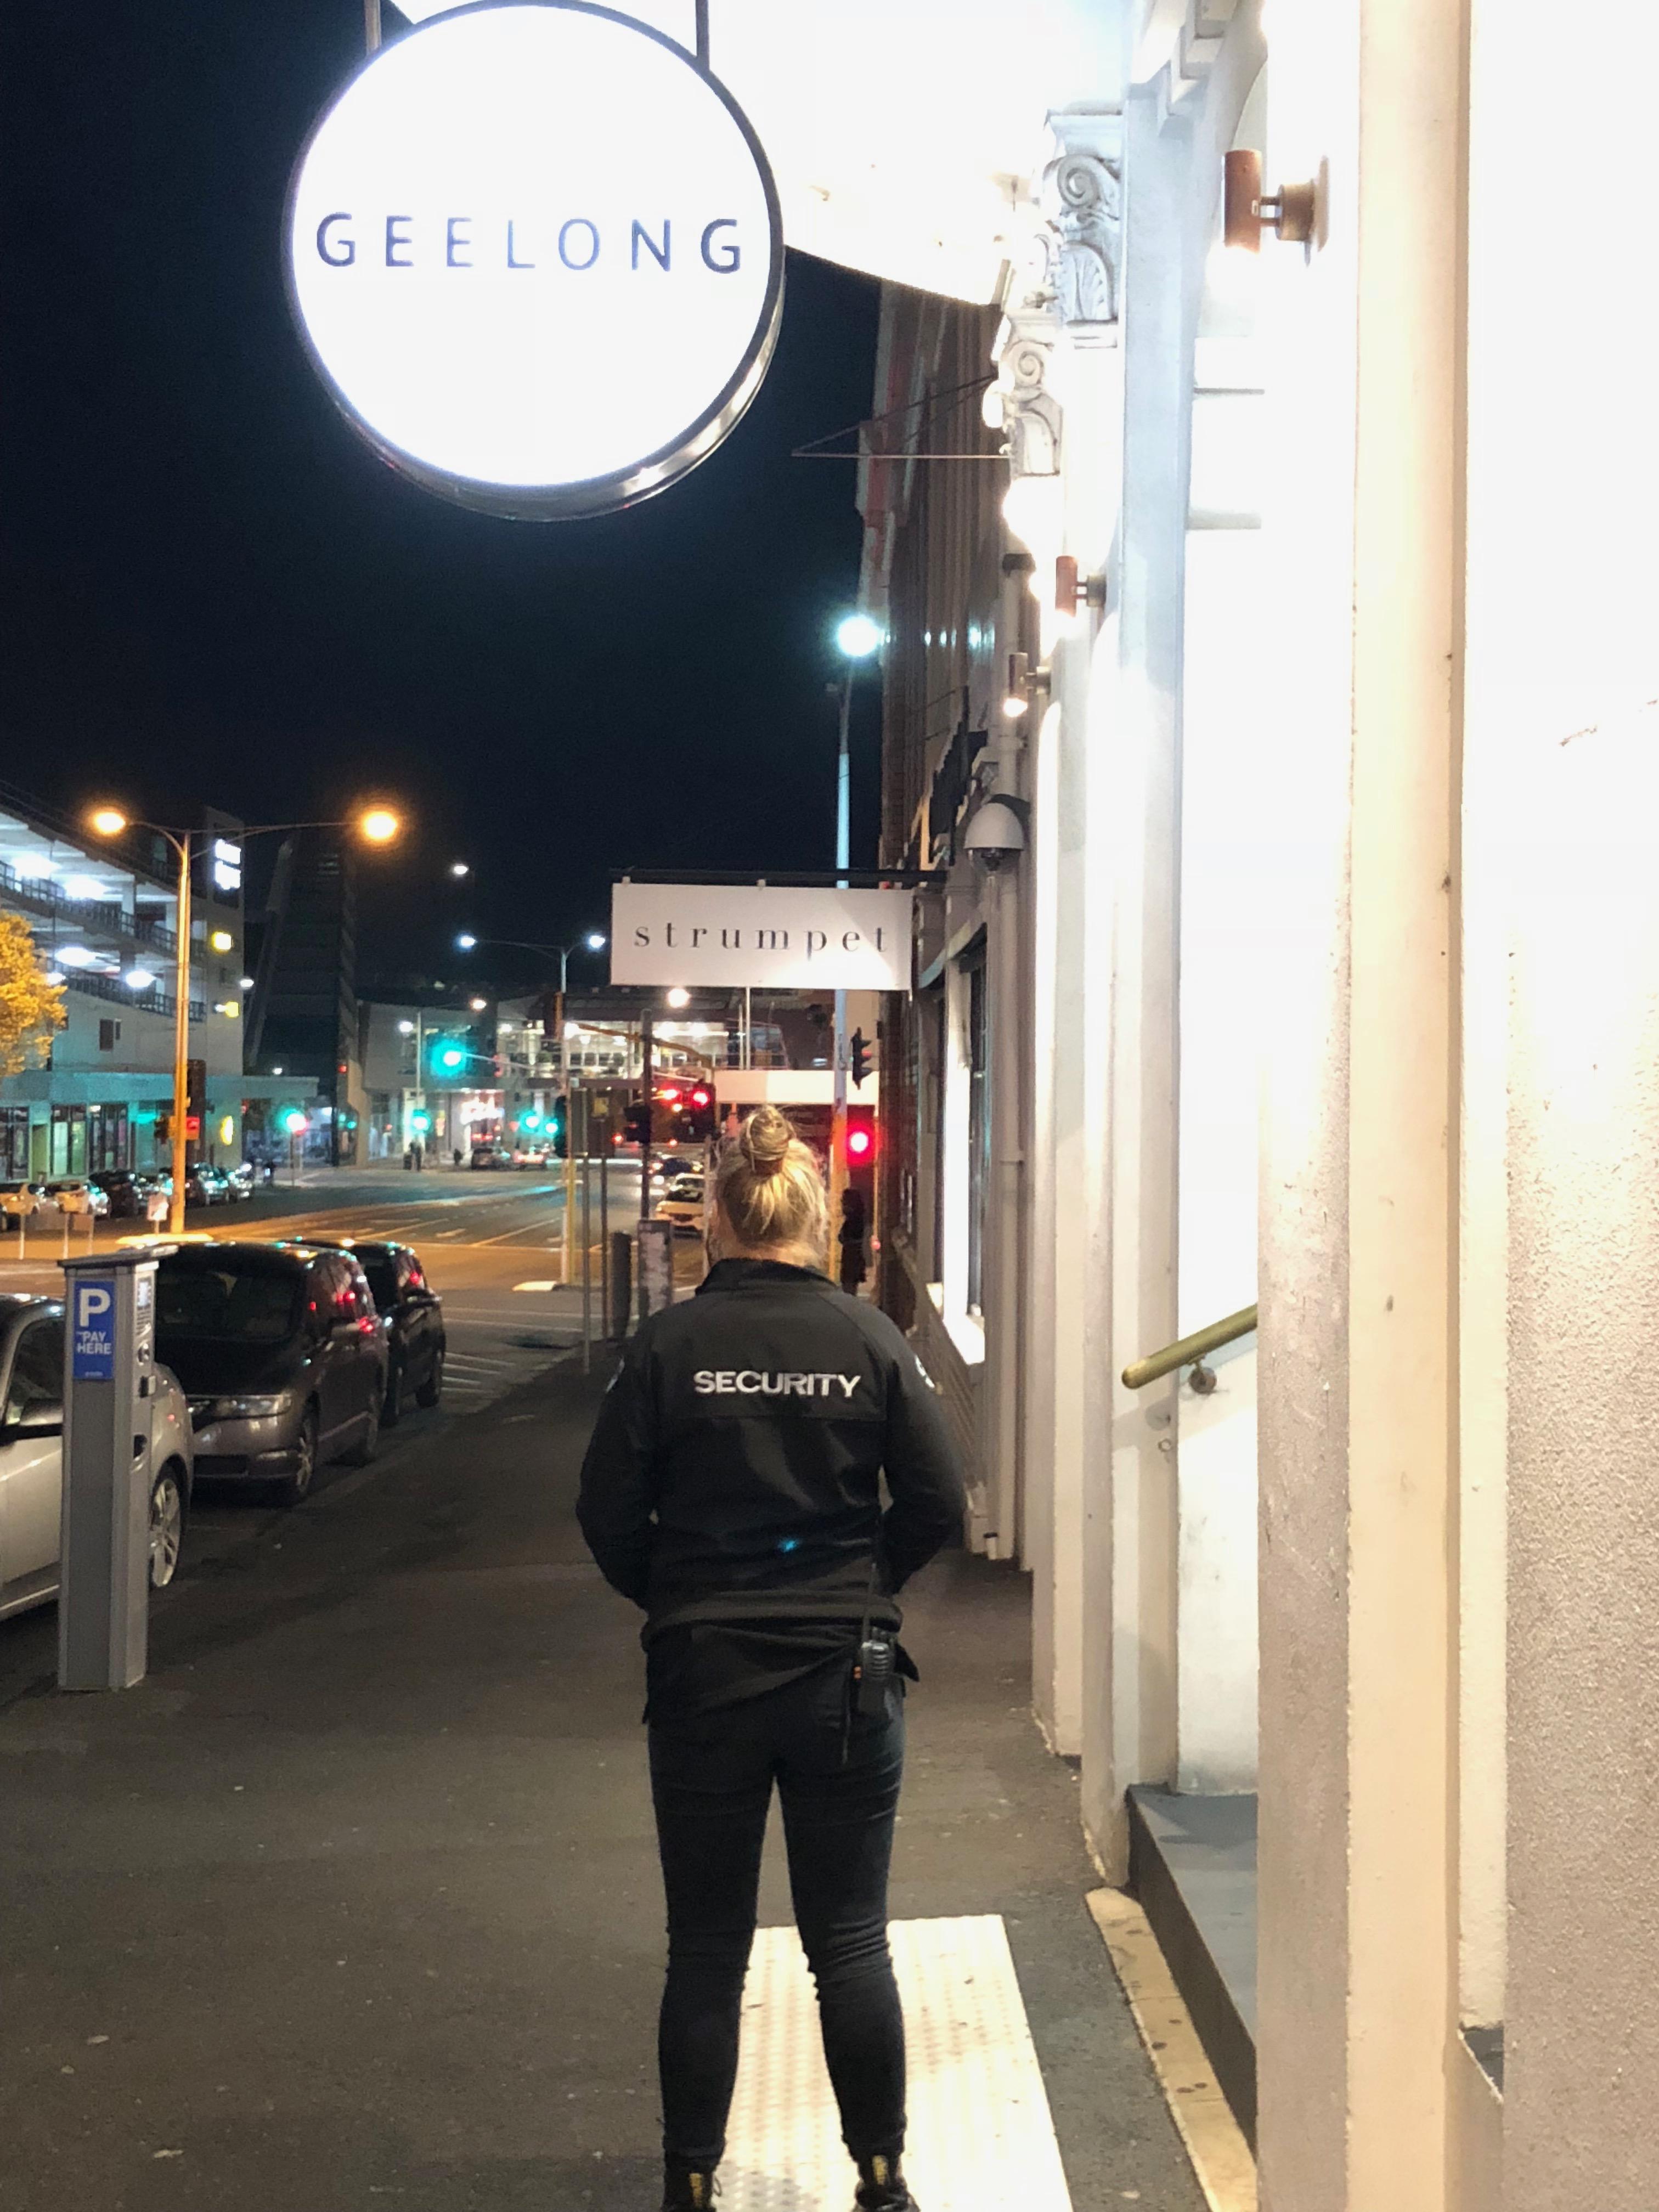 Geelong Security Guards